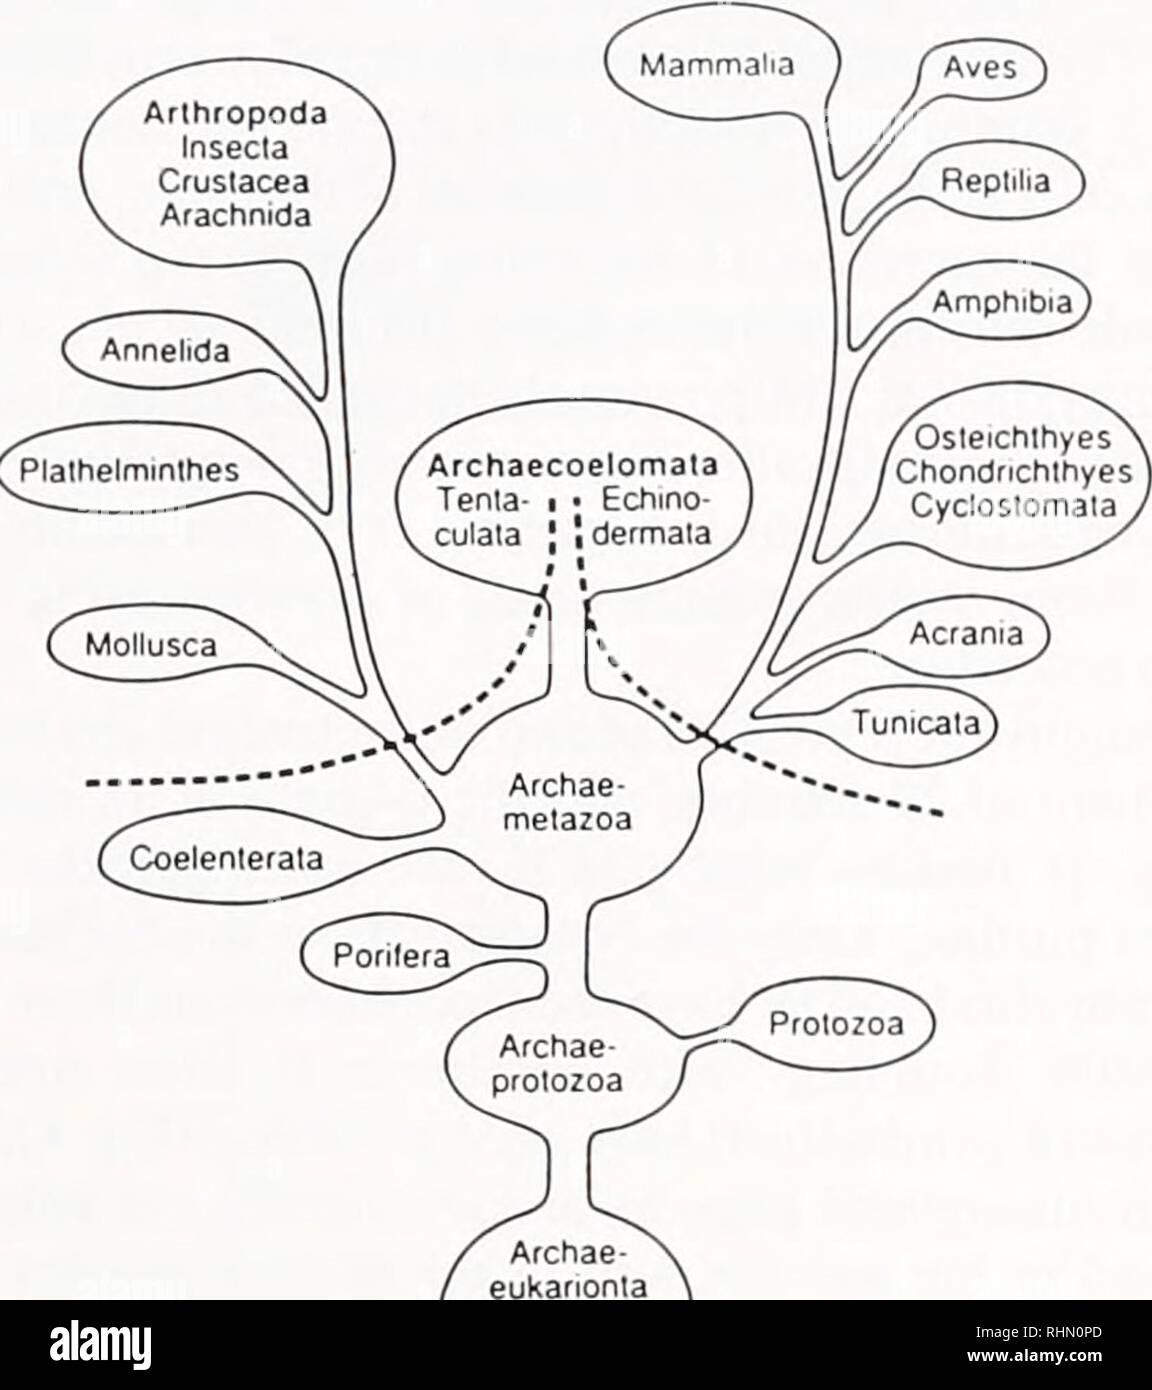 . Die biologische Bulletin. Biologie; Zoologie; Biologie; Meeresbiologie. Das INSULIN FAMILIE 177 PROTOSTOMIA DEUTEROSTOMIA Osteichihyes Chondnchlhyes Cycloslomala Archaecoelomala Tenia-i ? Echmo - culaia [* dermata. Tabelle I Identifikation von Insulin-like Peptide in der Wirbellosen durch Immunzytochemie Abbildung 1. Ein phylogenetischer Baum, zeigt die polyphyletic Herkunft der verschiedenen Stämme im Tierreich. (Geändert und erweitert nach Karlson, 1983). In einer Reihe von verschiedenen Arten, die in erster Linie Insekten und Mol-luscs (Tabelle I). In Muscheln, Immunoreactivity tritt nicht nur in der neuronalen Gewebe, aber Stockbild